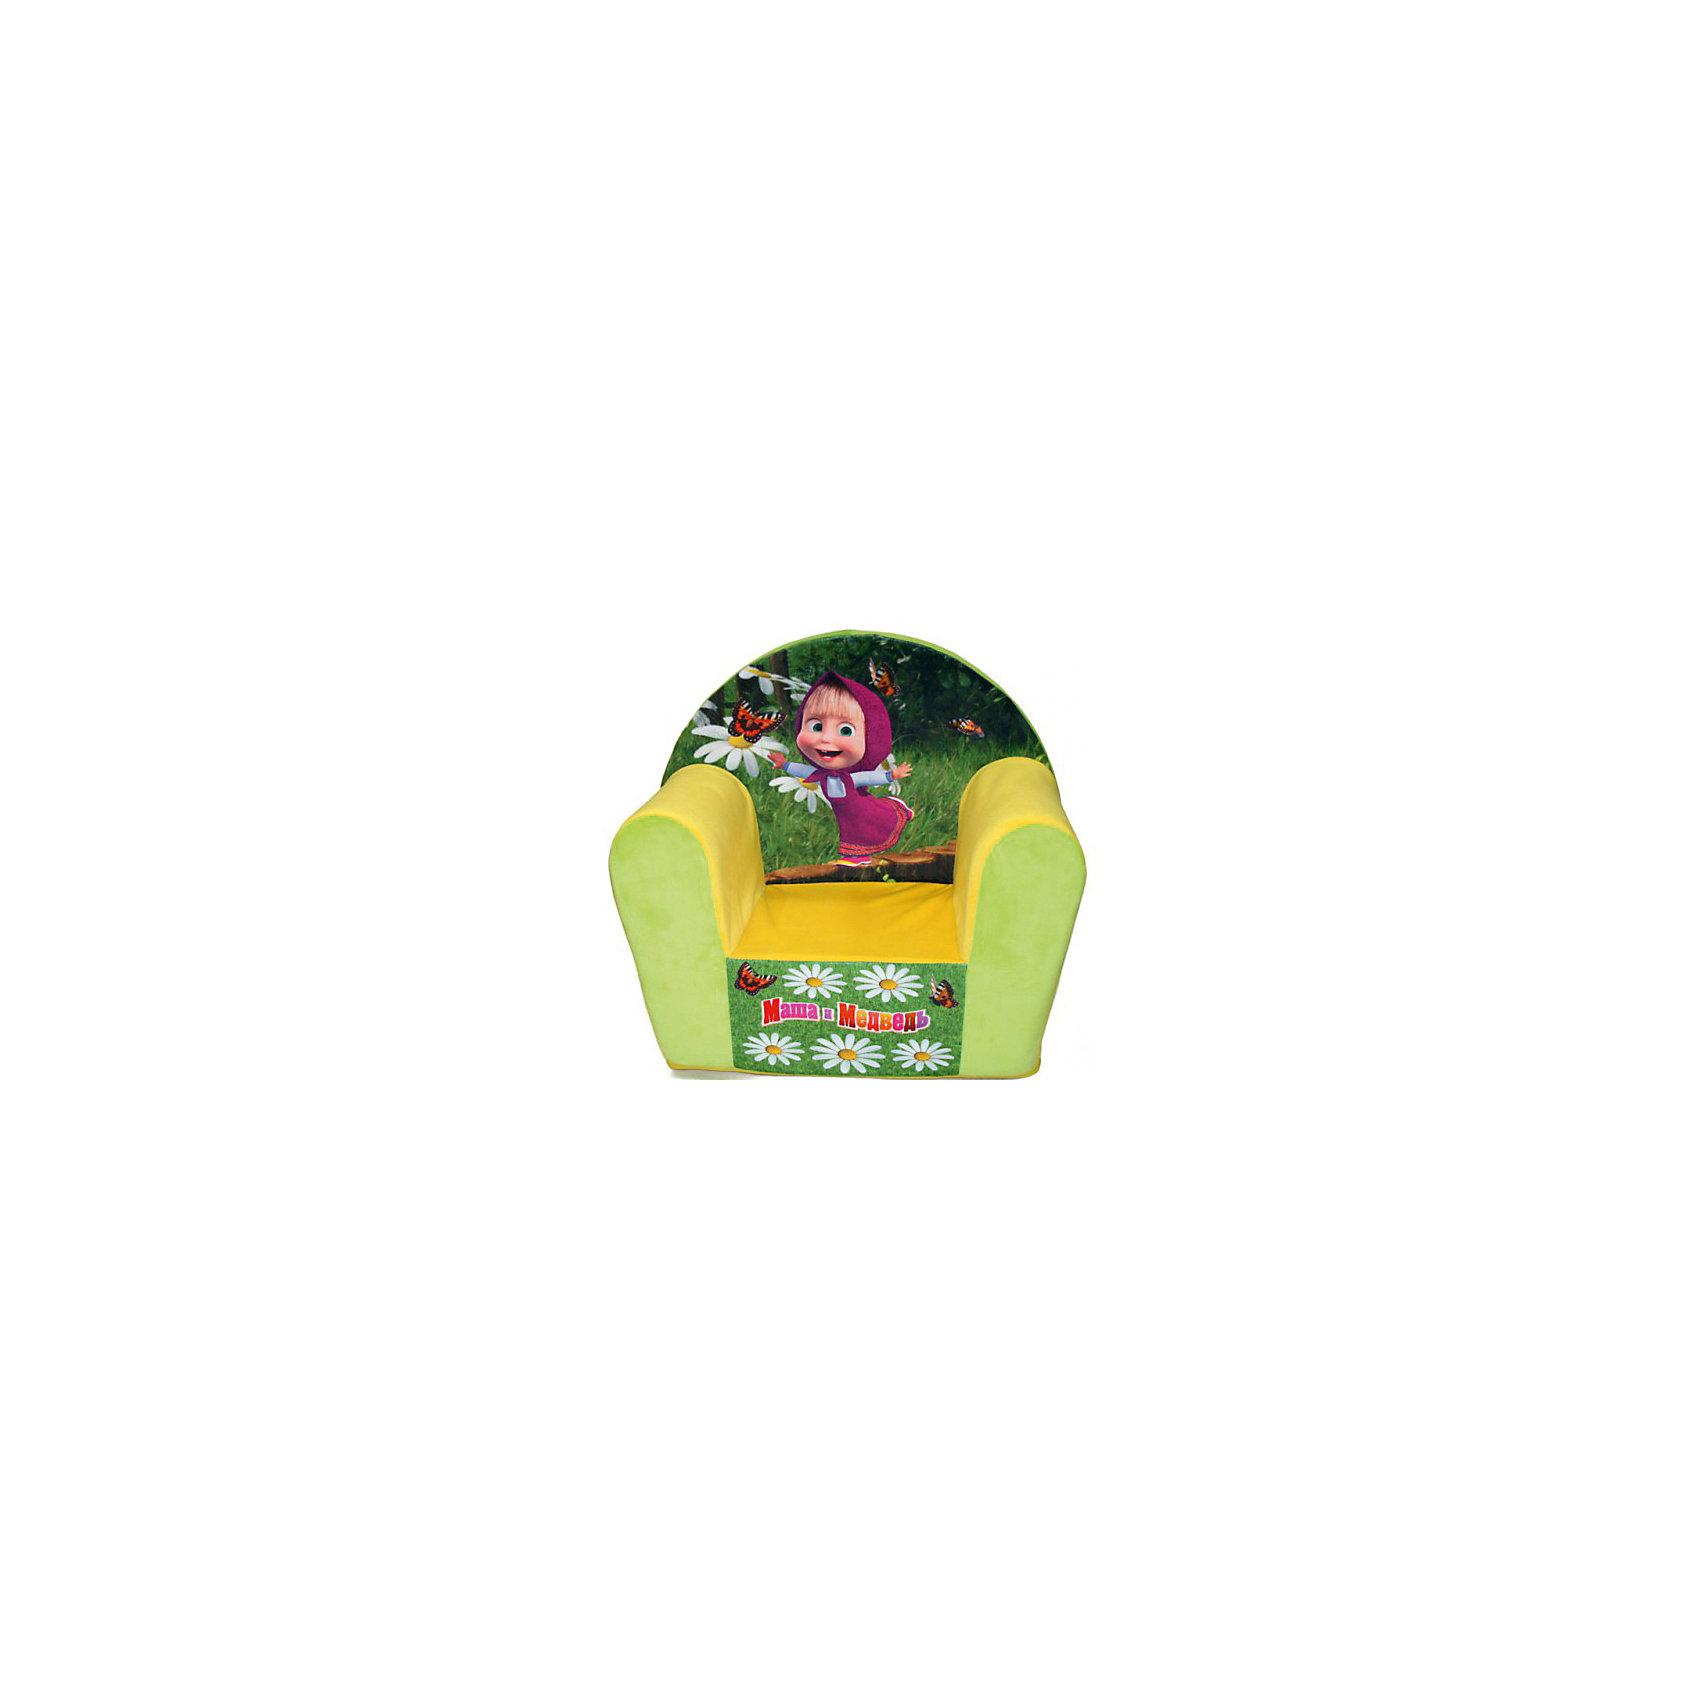 Мягкое кресло с чехлом Маша и Медведь в50, СмолТойс, желтыйДетям очень важно иметь свои вещи, это касается не только посуды и игрушек, но и мебели. Именно поэтому такое кресло станет действительно желанным подарком для малыша. Тем более, что на нем есть изображение любимых мультяшных герои современных детей - Маши и Медведя.<br>Обивка кресла - мягкая и приятная на ощупь. Внутри предмет заполнен мягким пенополиуретаном, кресло имеет съемный чехол, который можно постирать при необходимости! Кресло легкое, но устойчивое. Детям будет интересно и удобно в нем сидеть или играть. Такое яркое и симпатичное кресло оживит и украсит комнату ребенка!<br><br>Дополнительная информация:<br><br>цвет: разноцветный;<br>материал: трикотаж, пенополиуретан, дерево;<br>декорировано изображением Маши и Медведя;<br>съемный чехол;<br>размер: 530 х 500 х 340 мм.<br><br>Мягкое кресло с чехлом Маша и Медведь в50 можно купить в нашем магазине.<br><br>Ширина мм: 34<br>Глубина мм: 53<br>Высота мм: 50<br>Вес г: 1130<br>Возраст от месяцев: 36<br>Возраст до месяцев: 1188<br>Пол: Унисекс<br>Возраст: Детский<br>SKU: 4996600